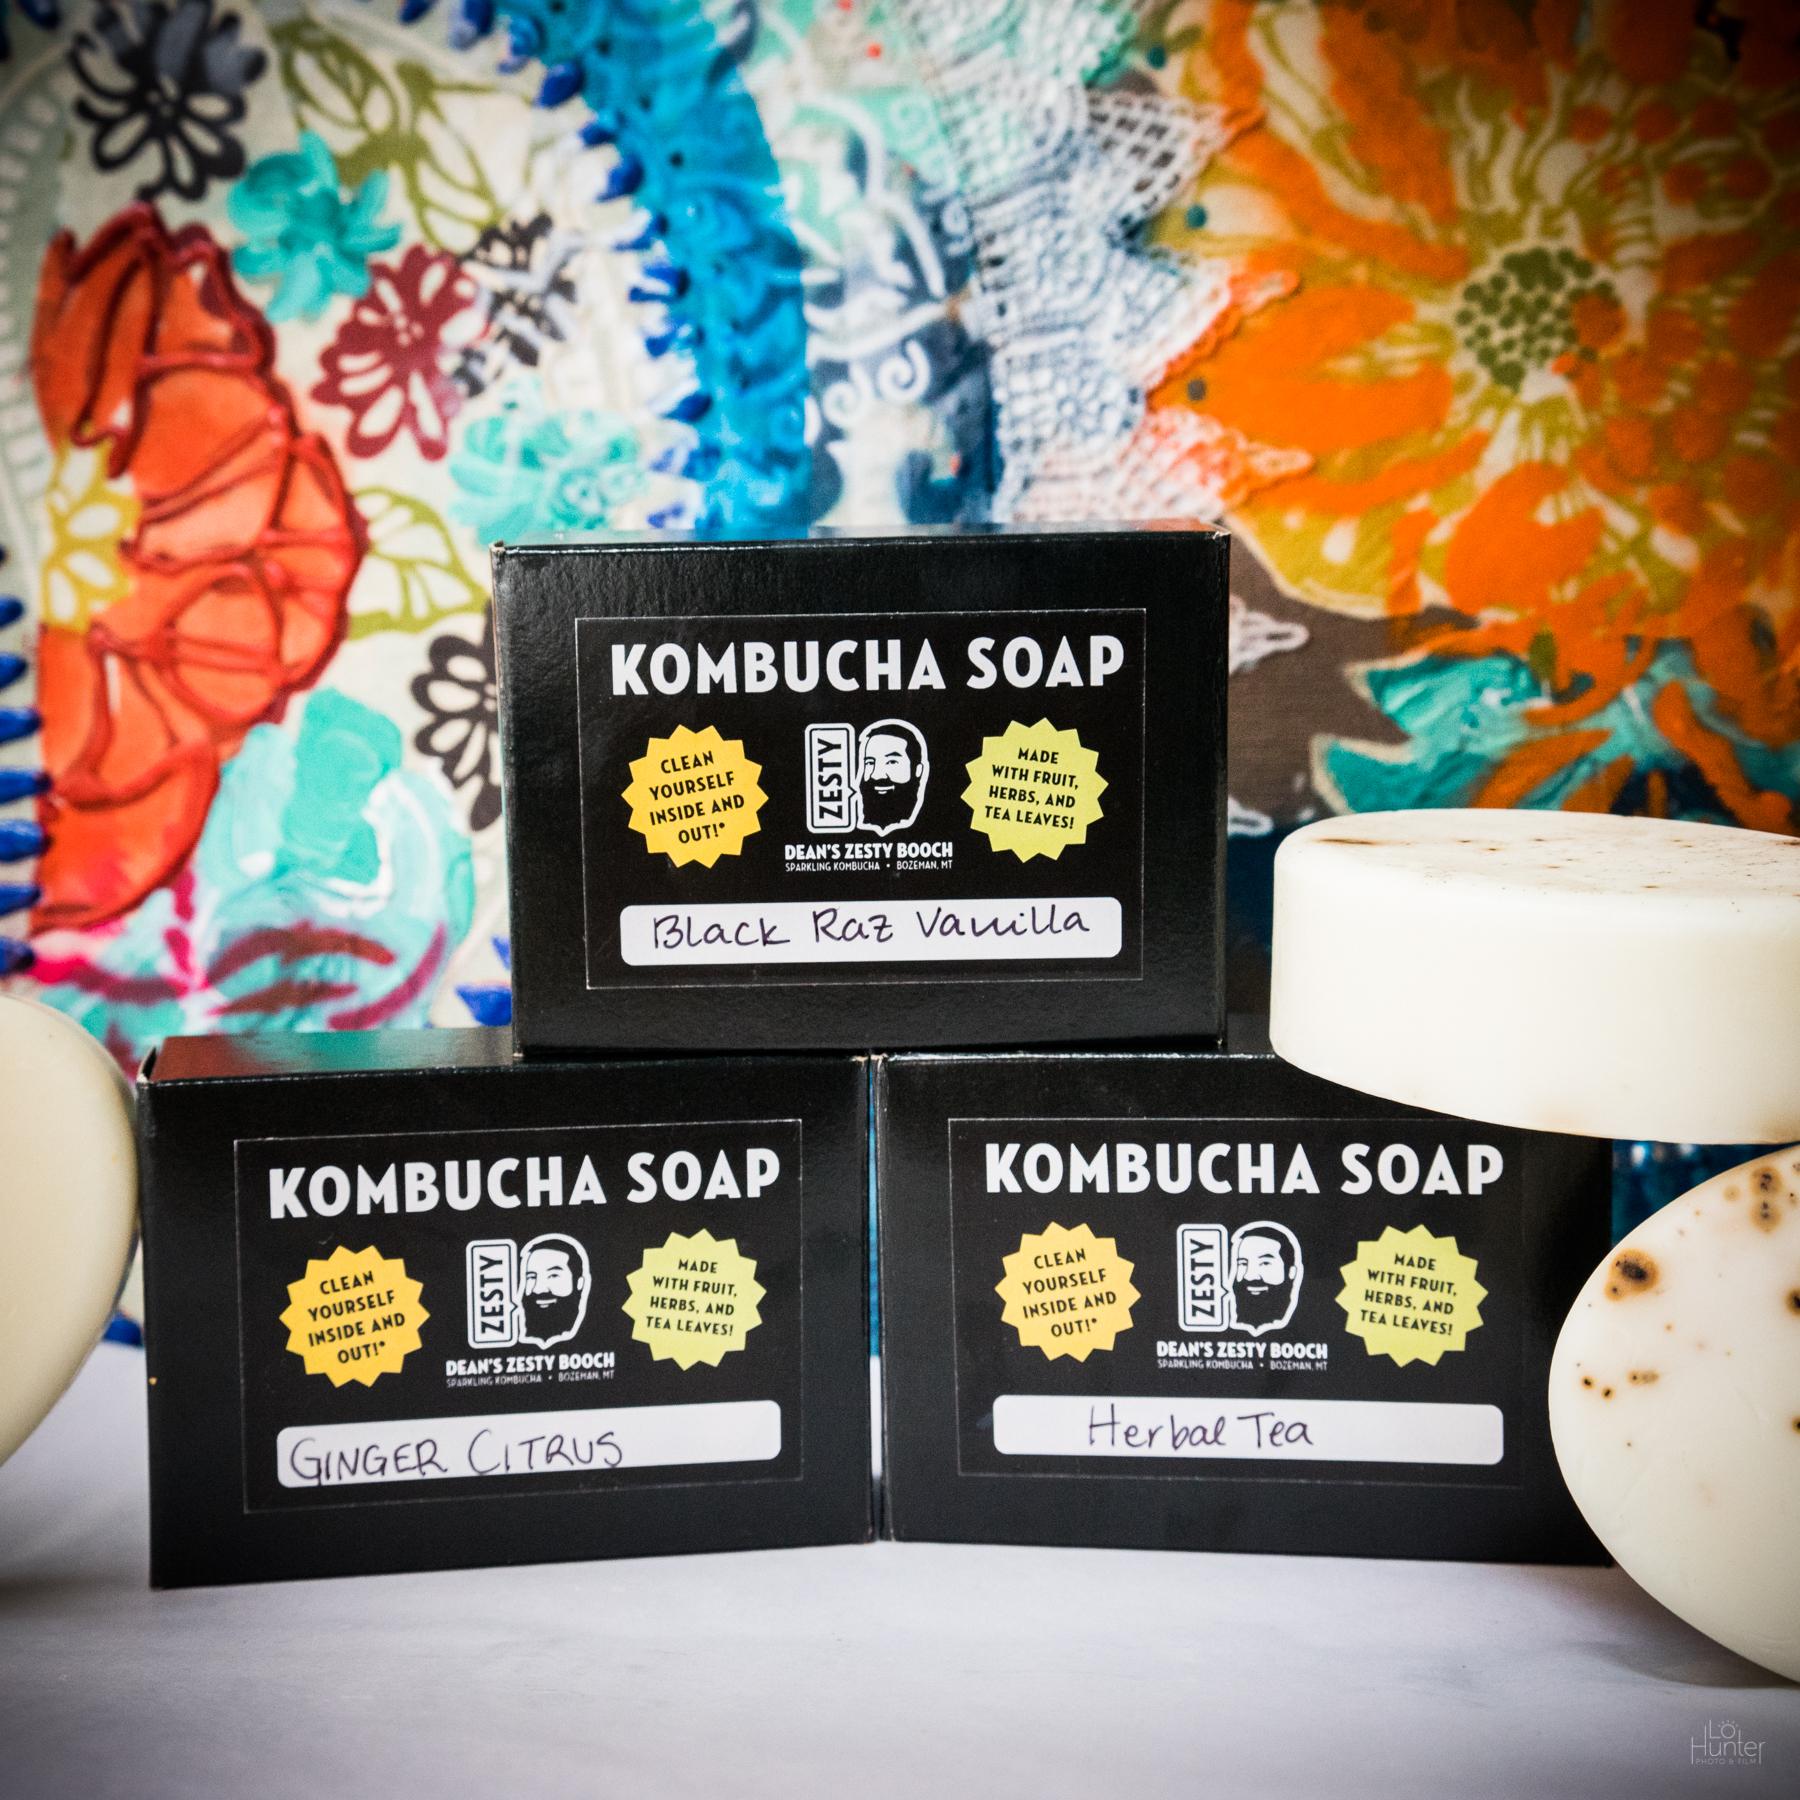 http://deanszestybooch.com/shop/kombucha-soap